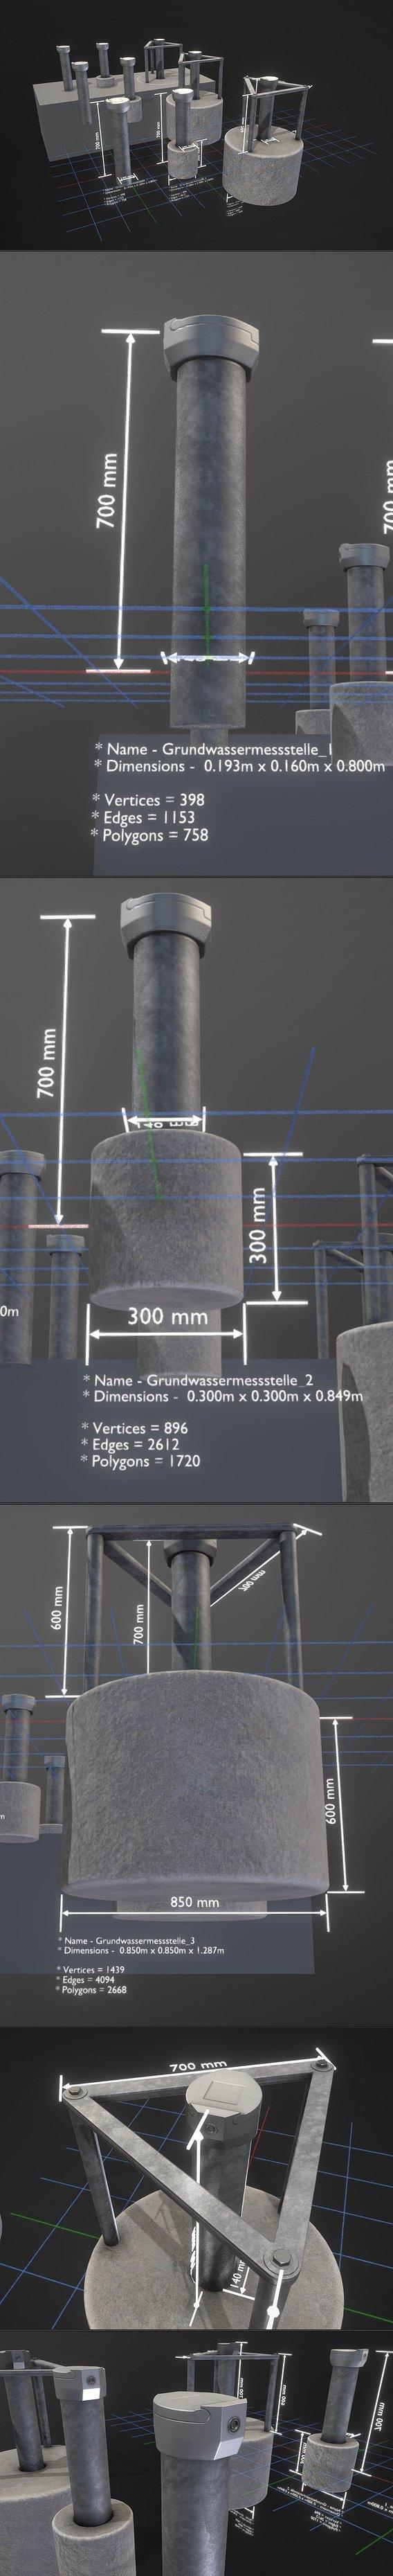 Grundwassermessstellen 1 2 3 (Blender-2.92 Eevee)